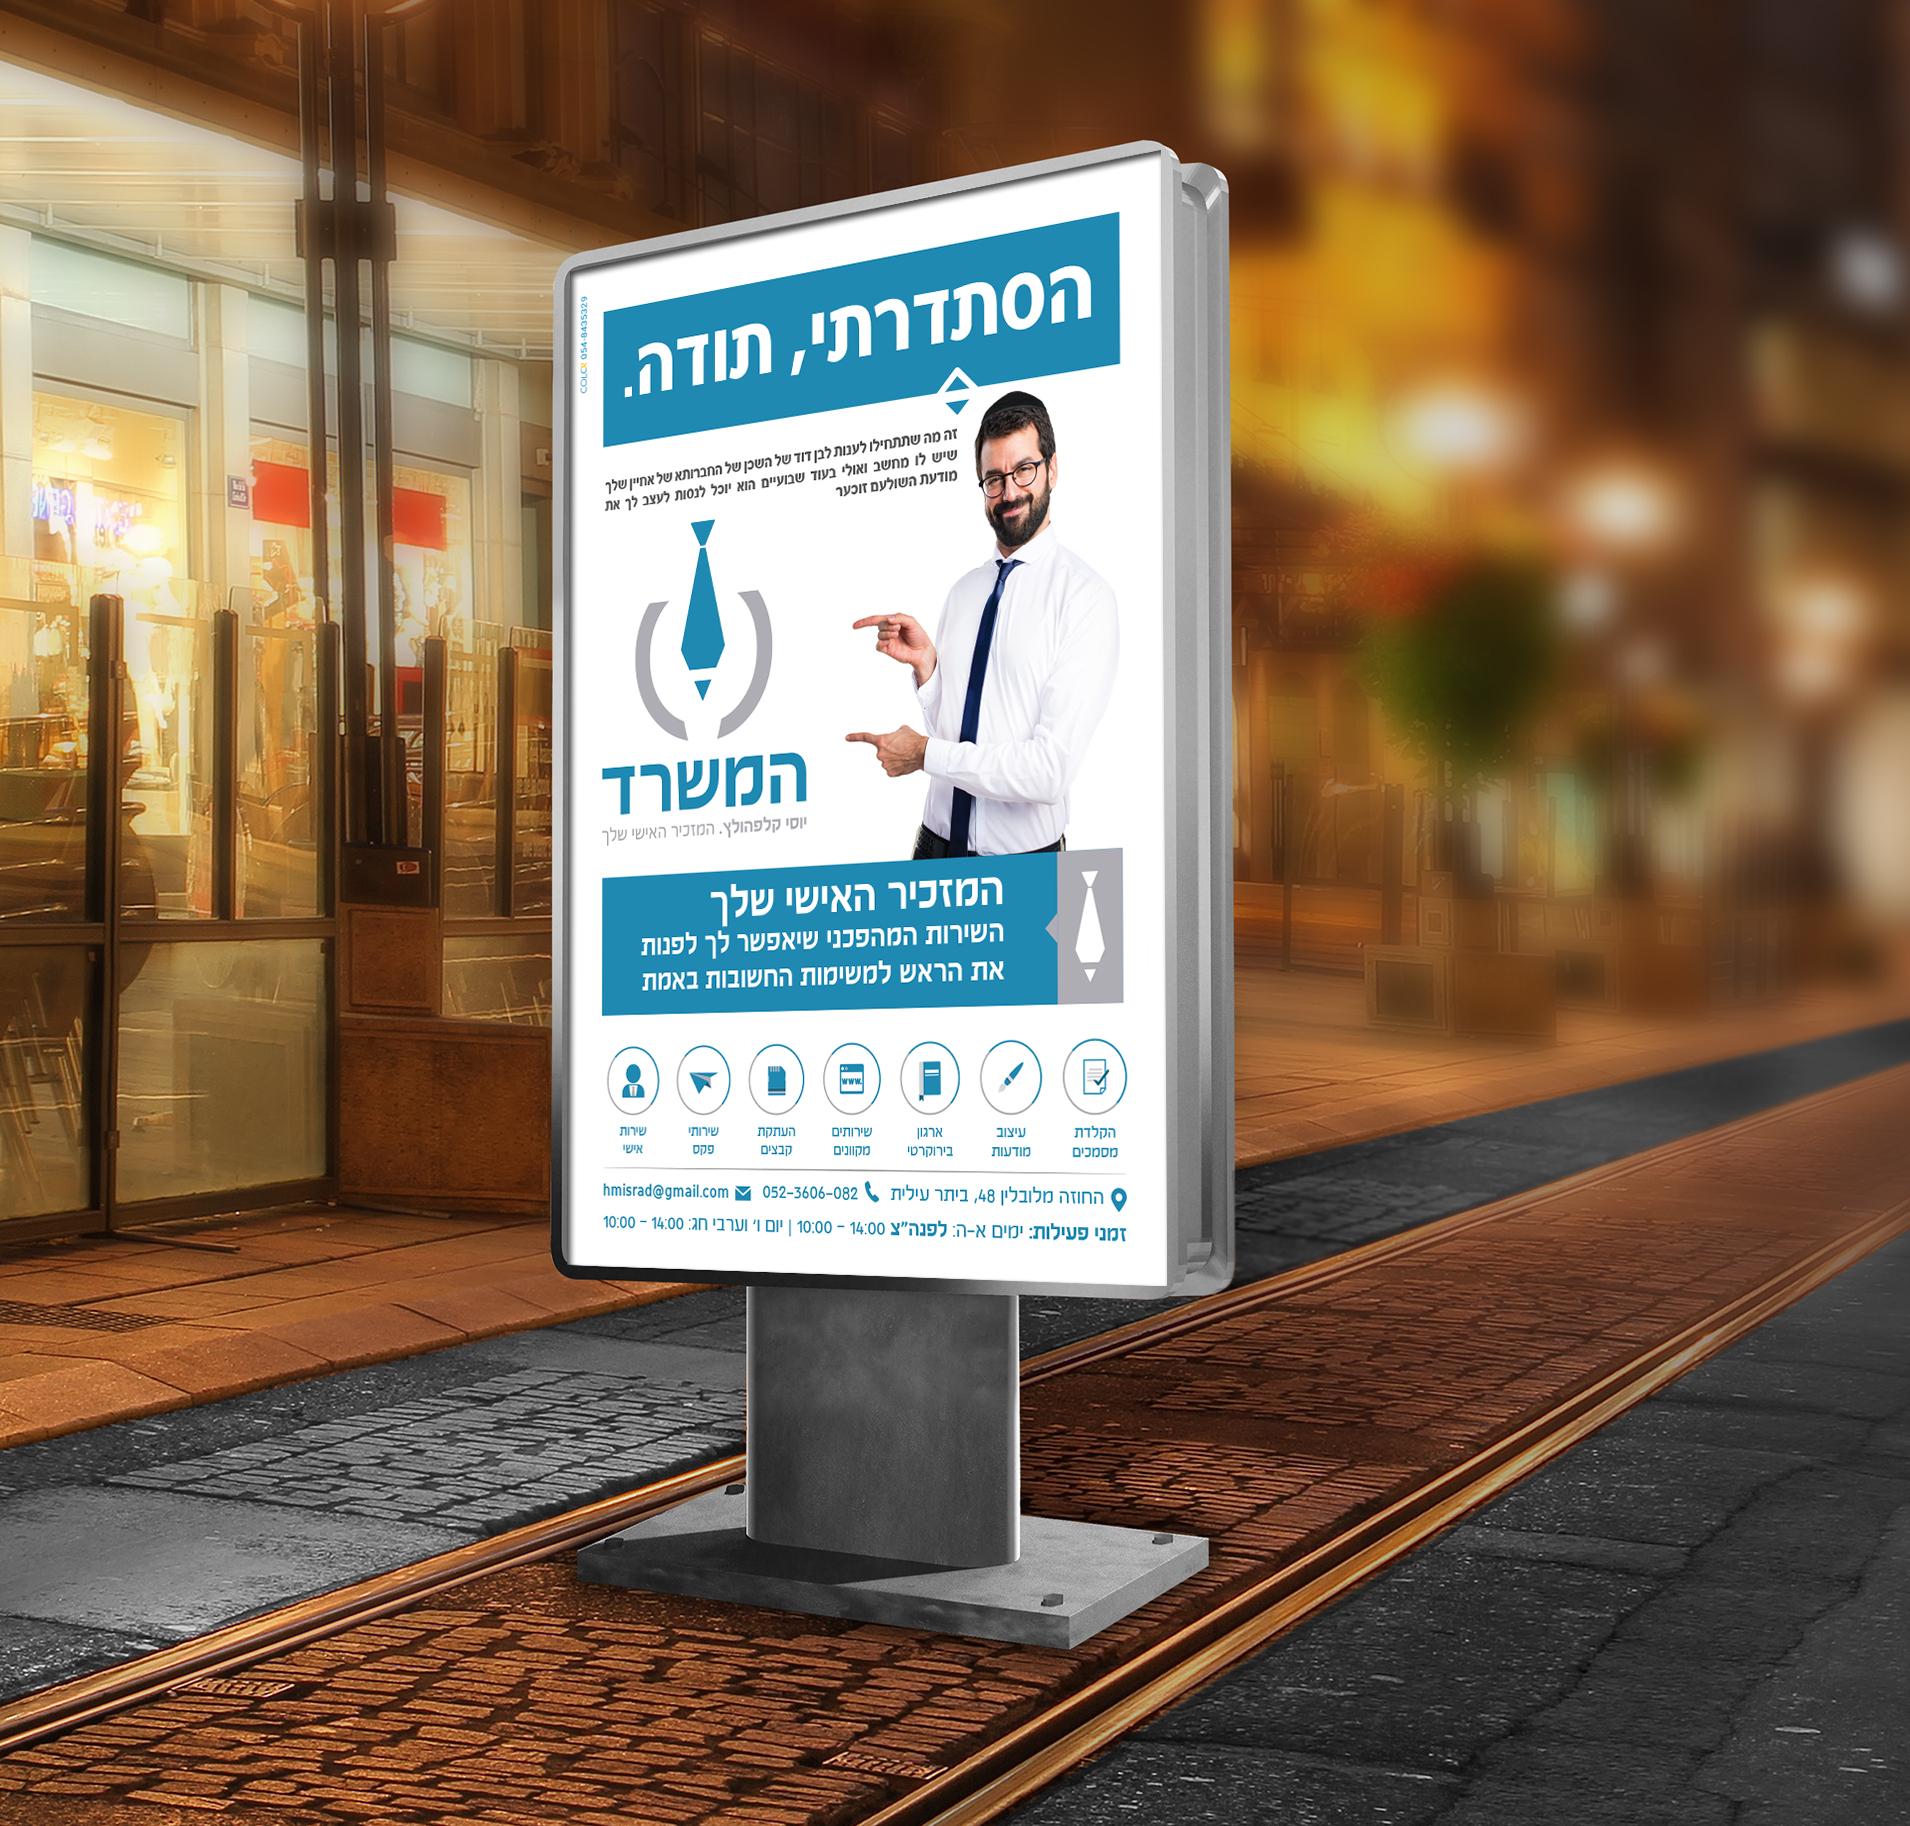 מוקאפ שלט חוצות מחובר לקרקע עם רקע חנויו